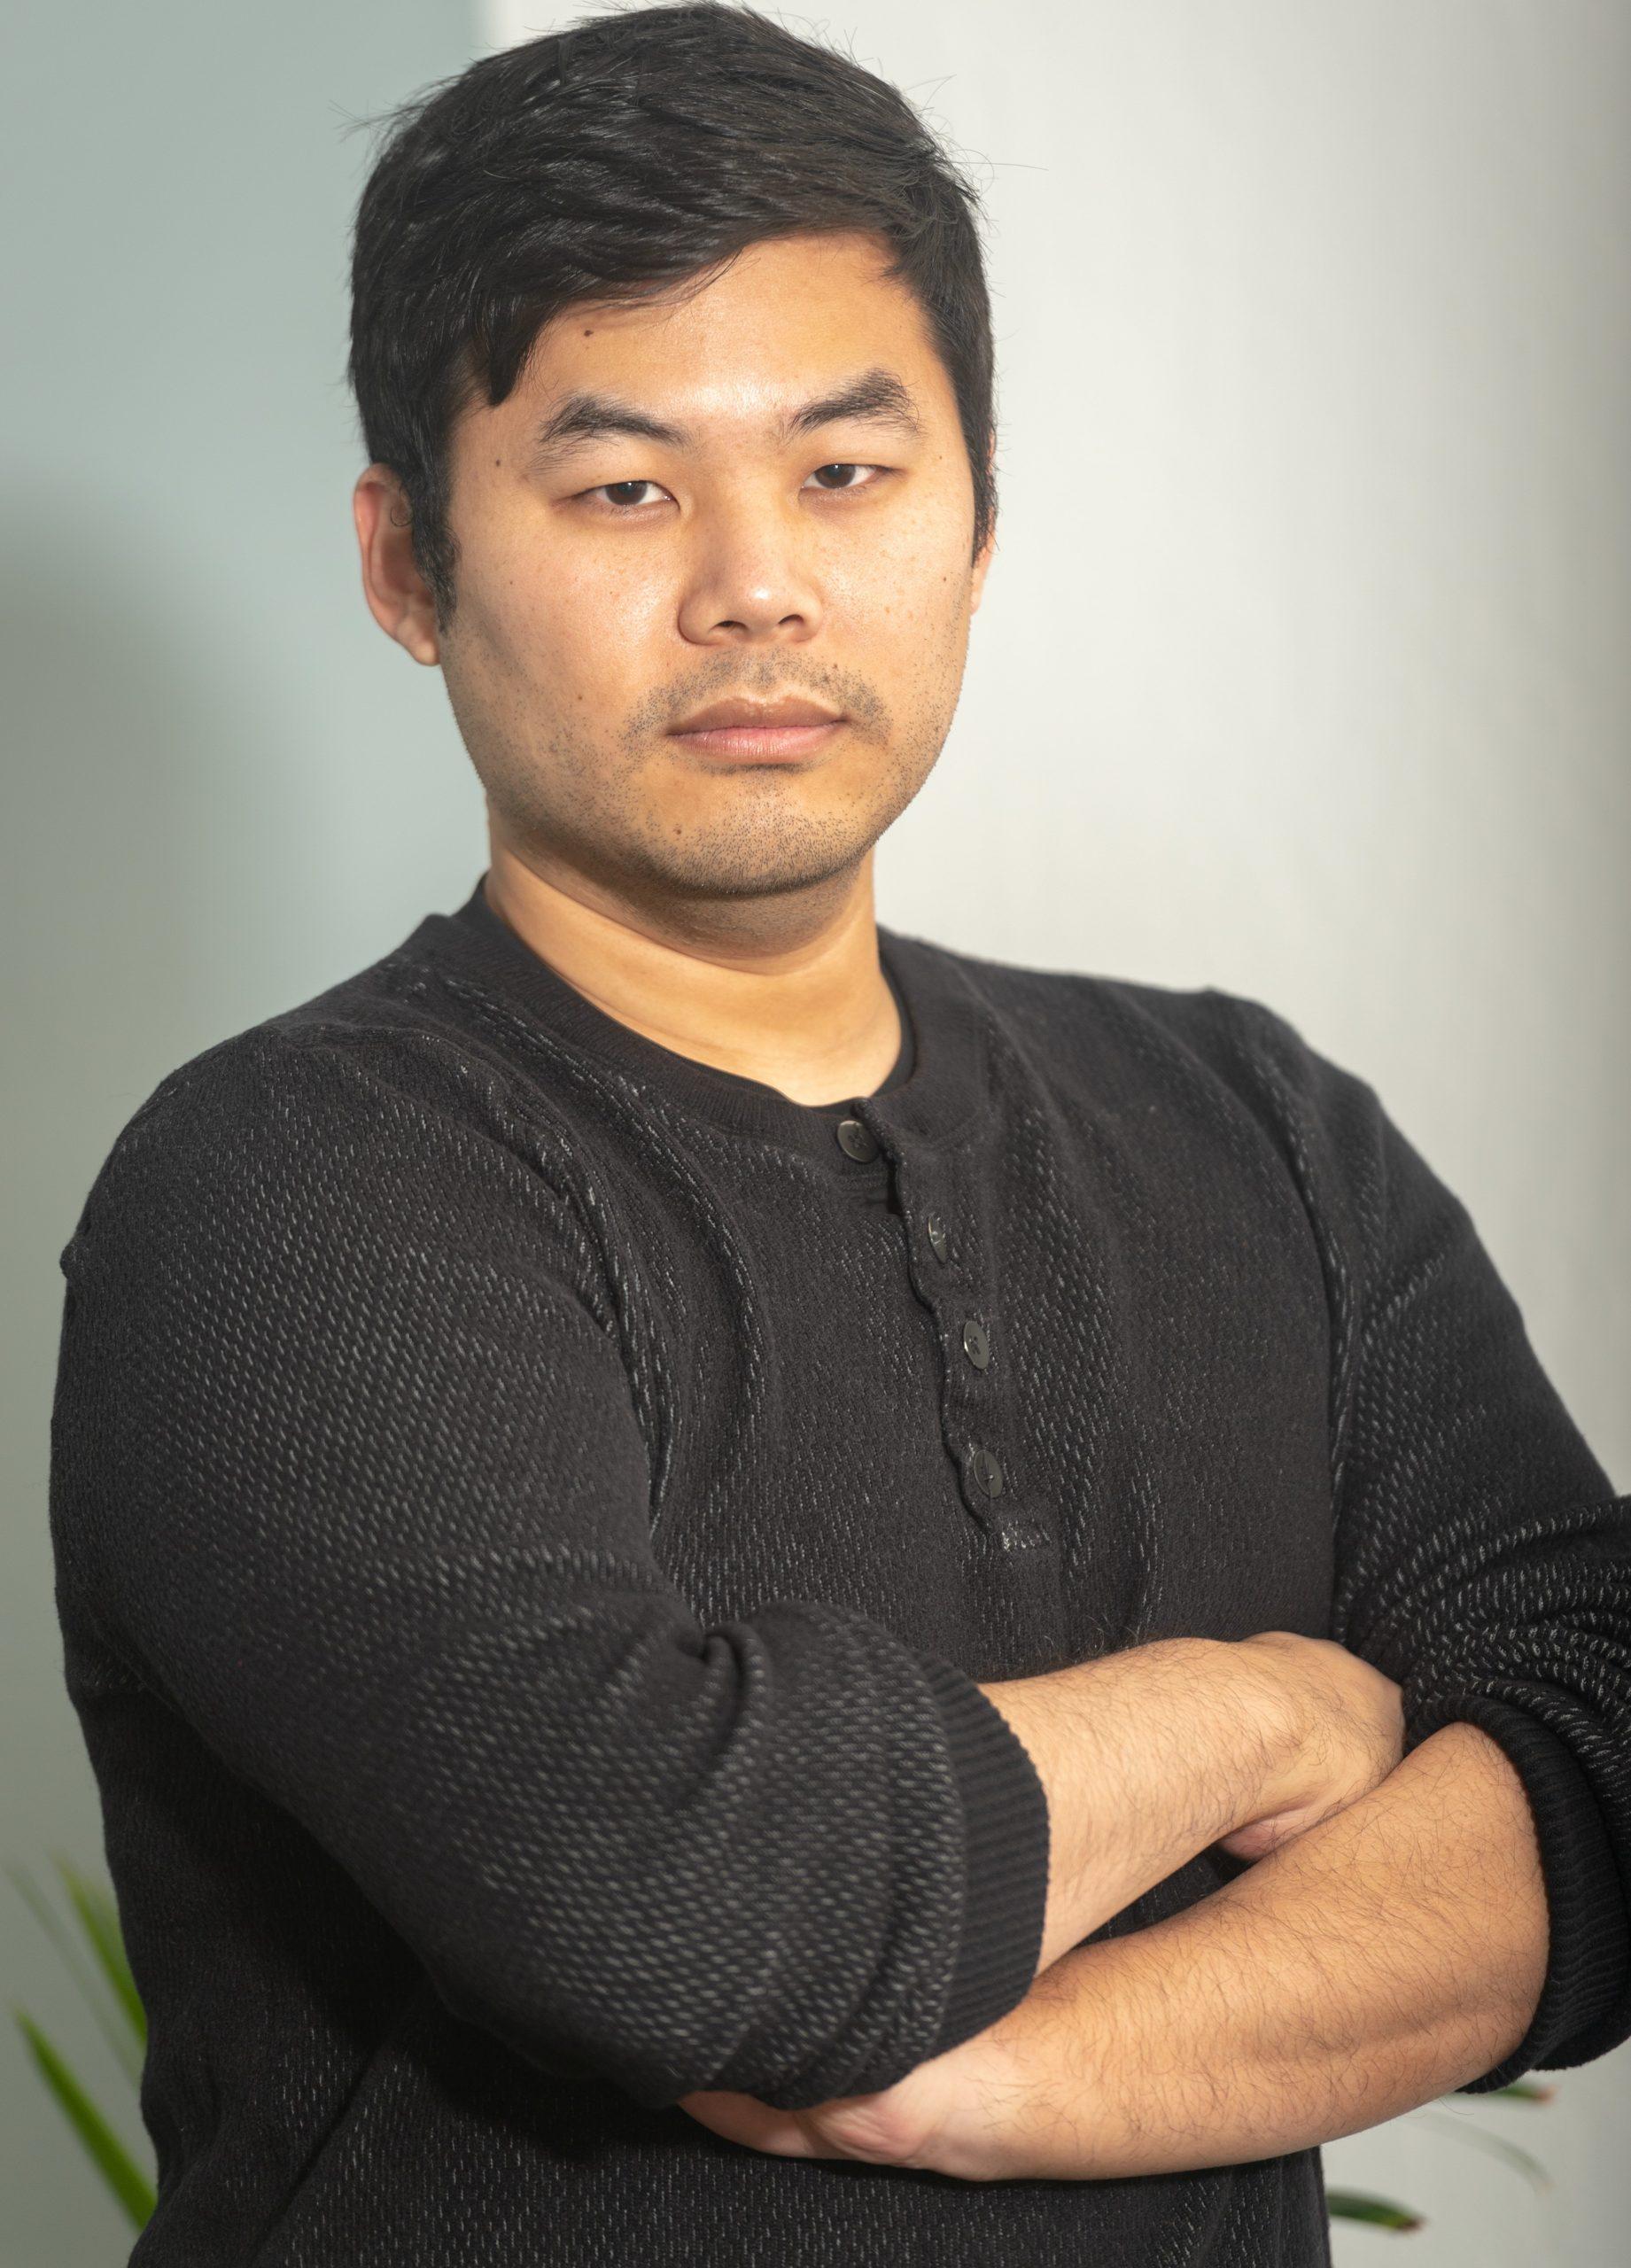 Joon Lee